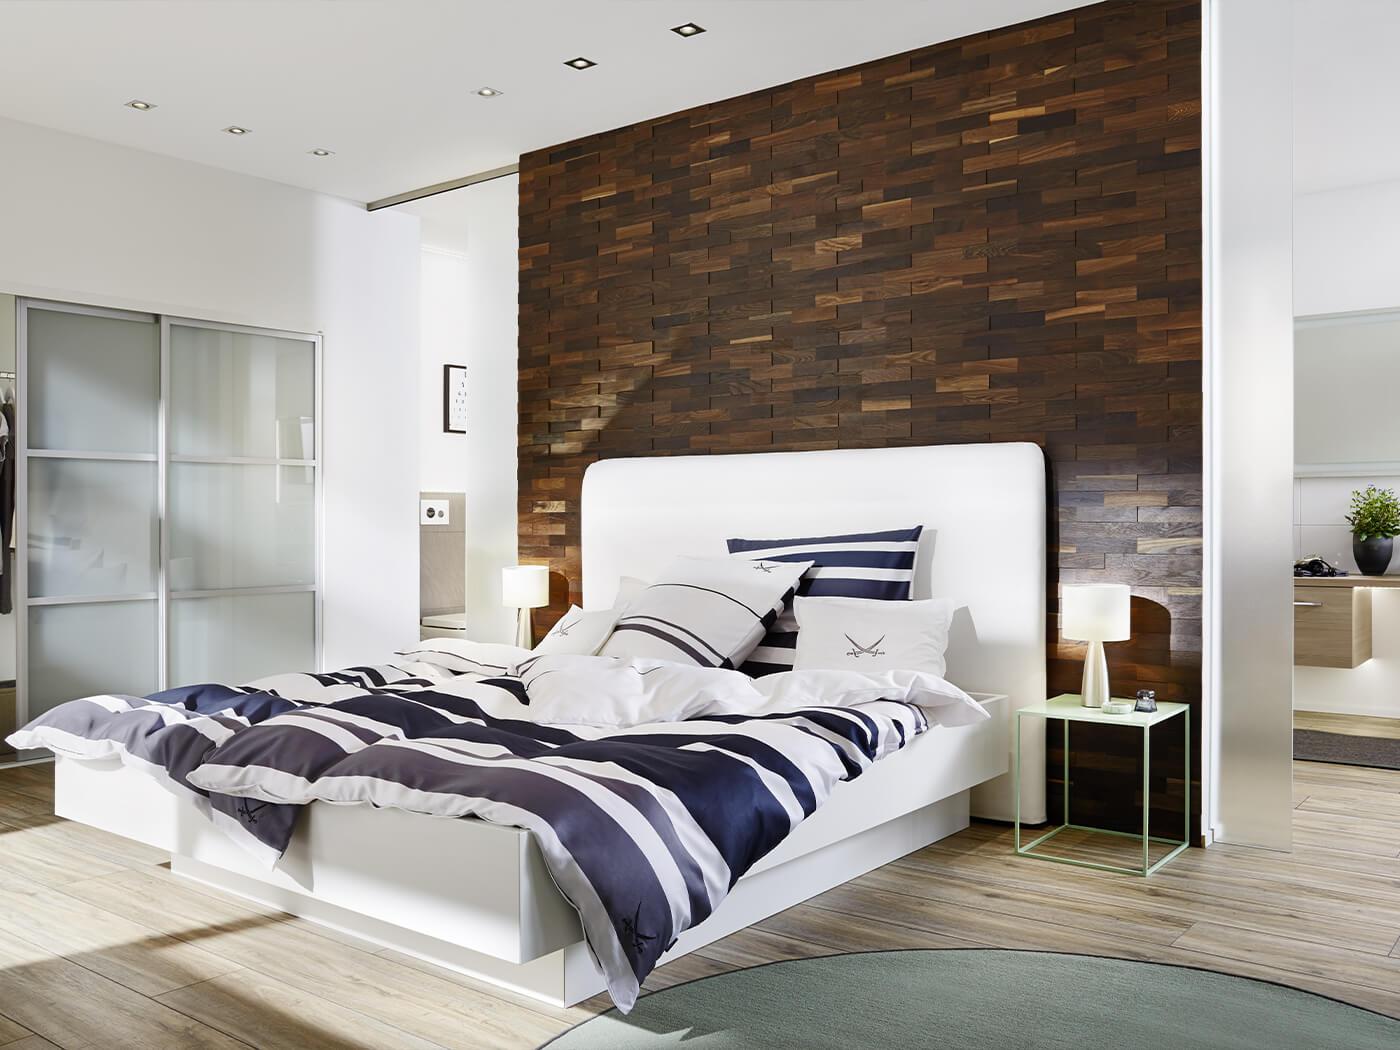 tête de lit mur bois